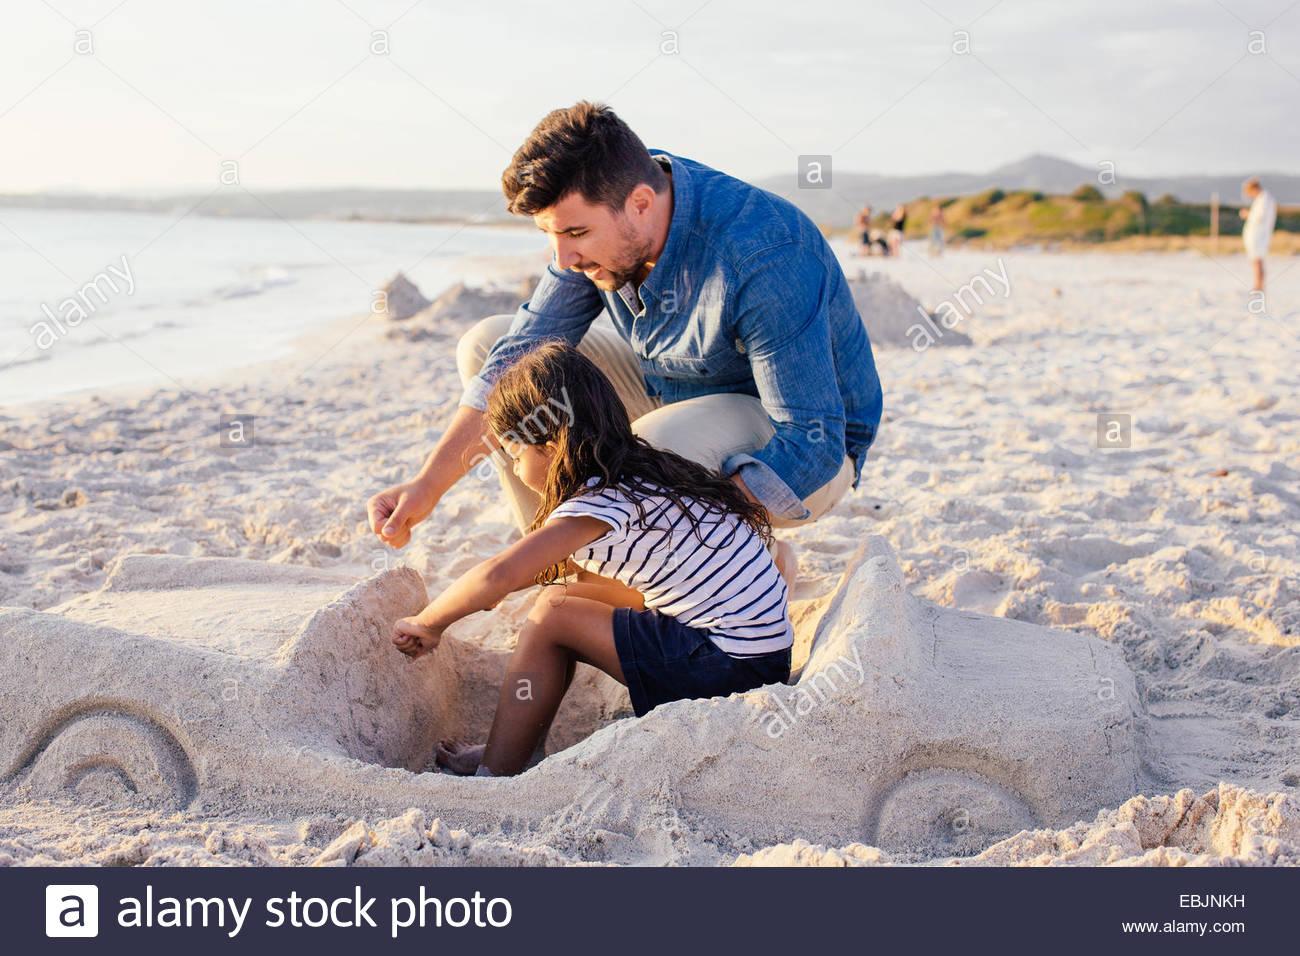 Père et fille avec voiture sophistiquée sandcastle sur plage, Toscane, Italie Photo Stock